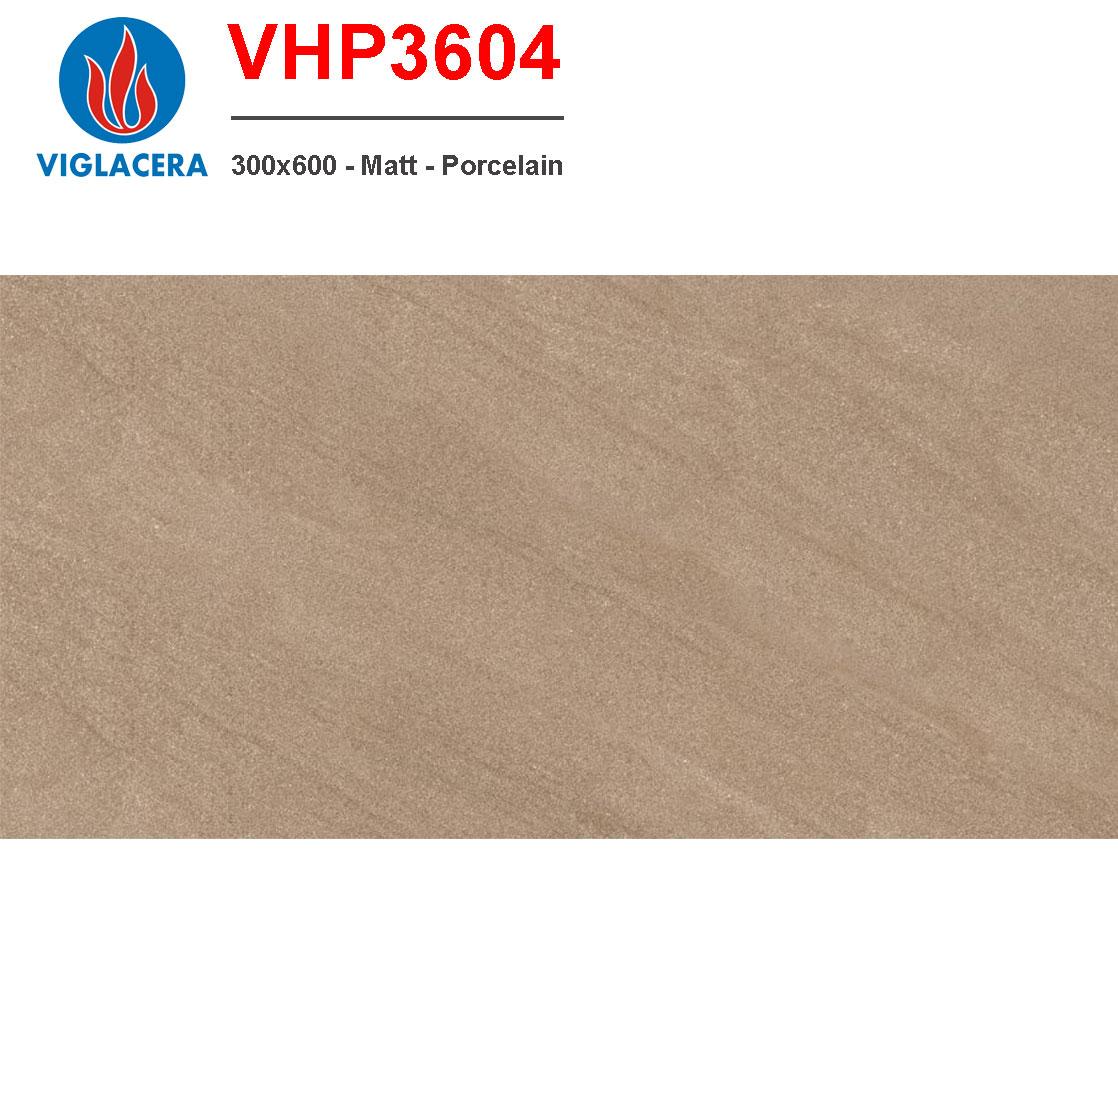 Gạch ốp tường Viglacera VHP3604 giá tốt